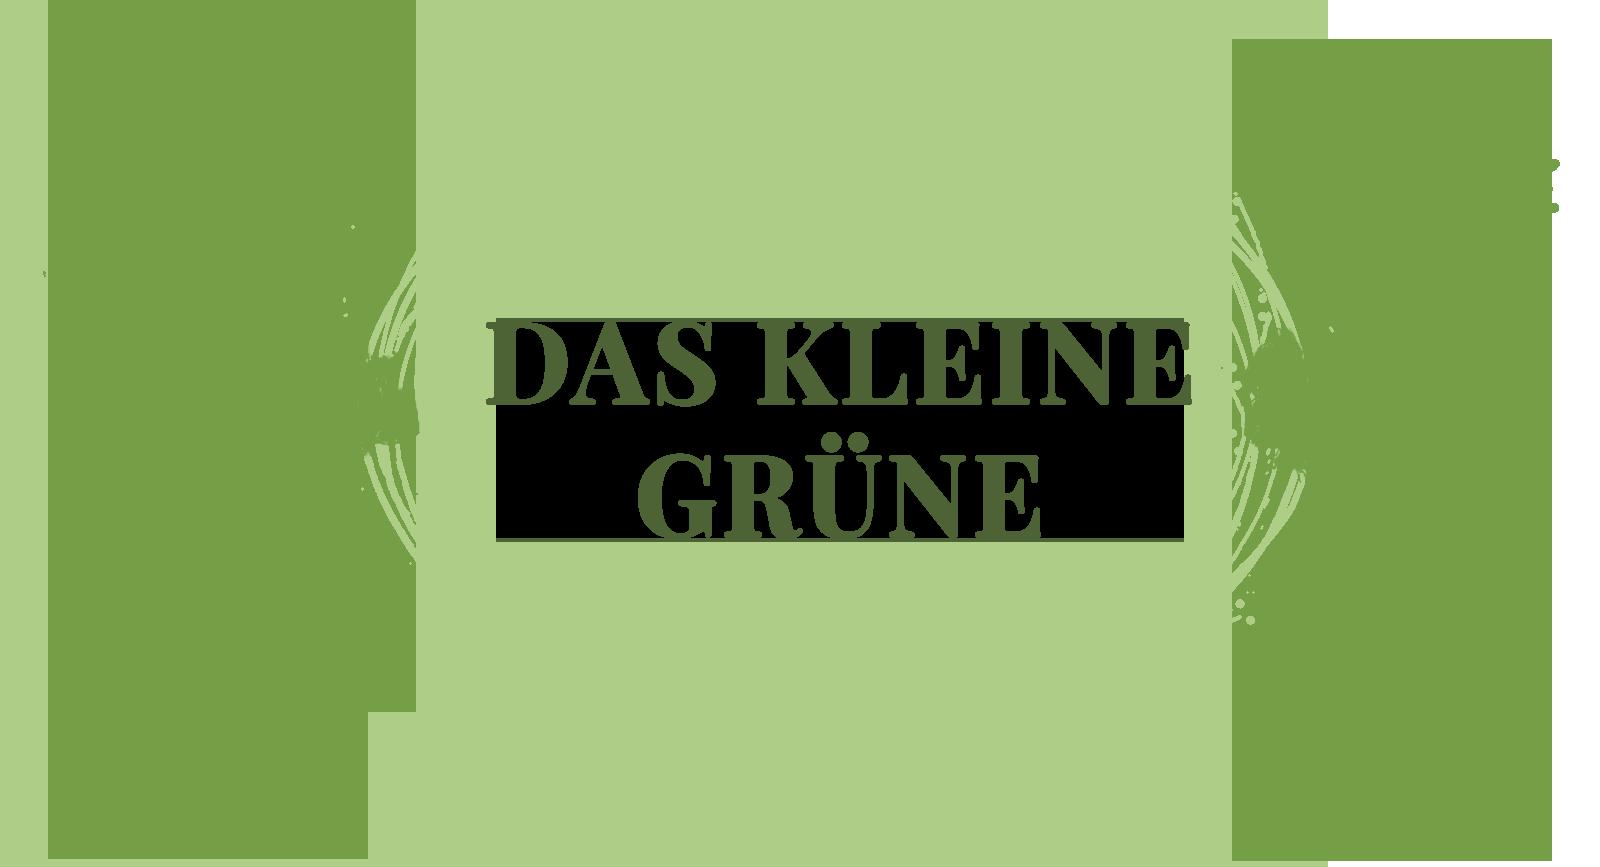 das-kleine-gruene-logo